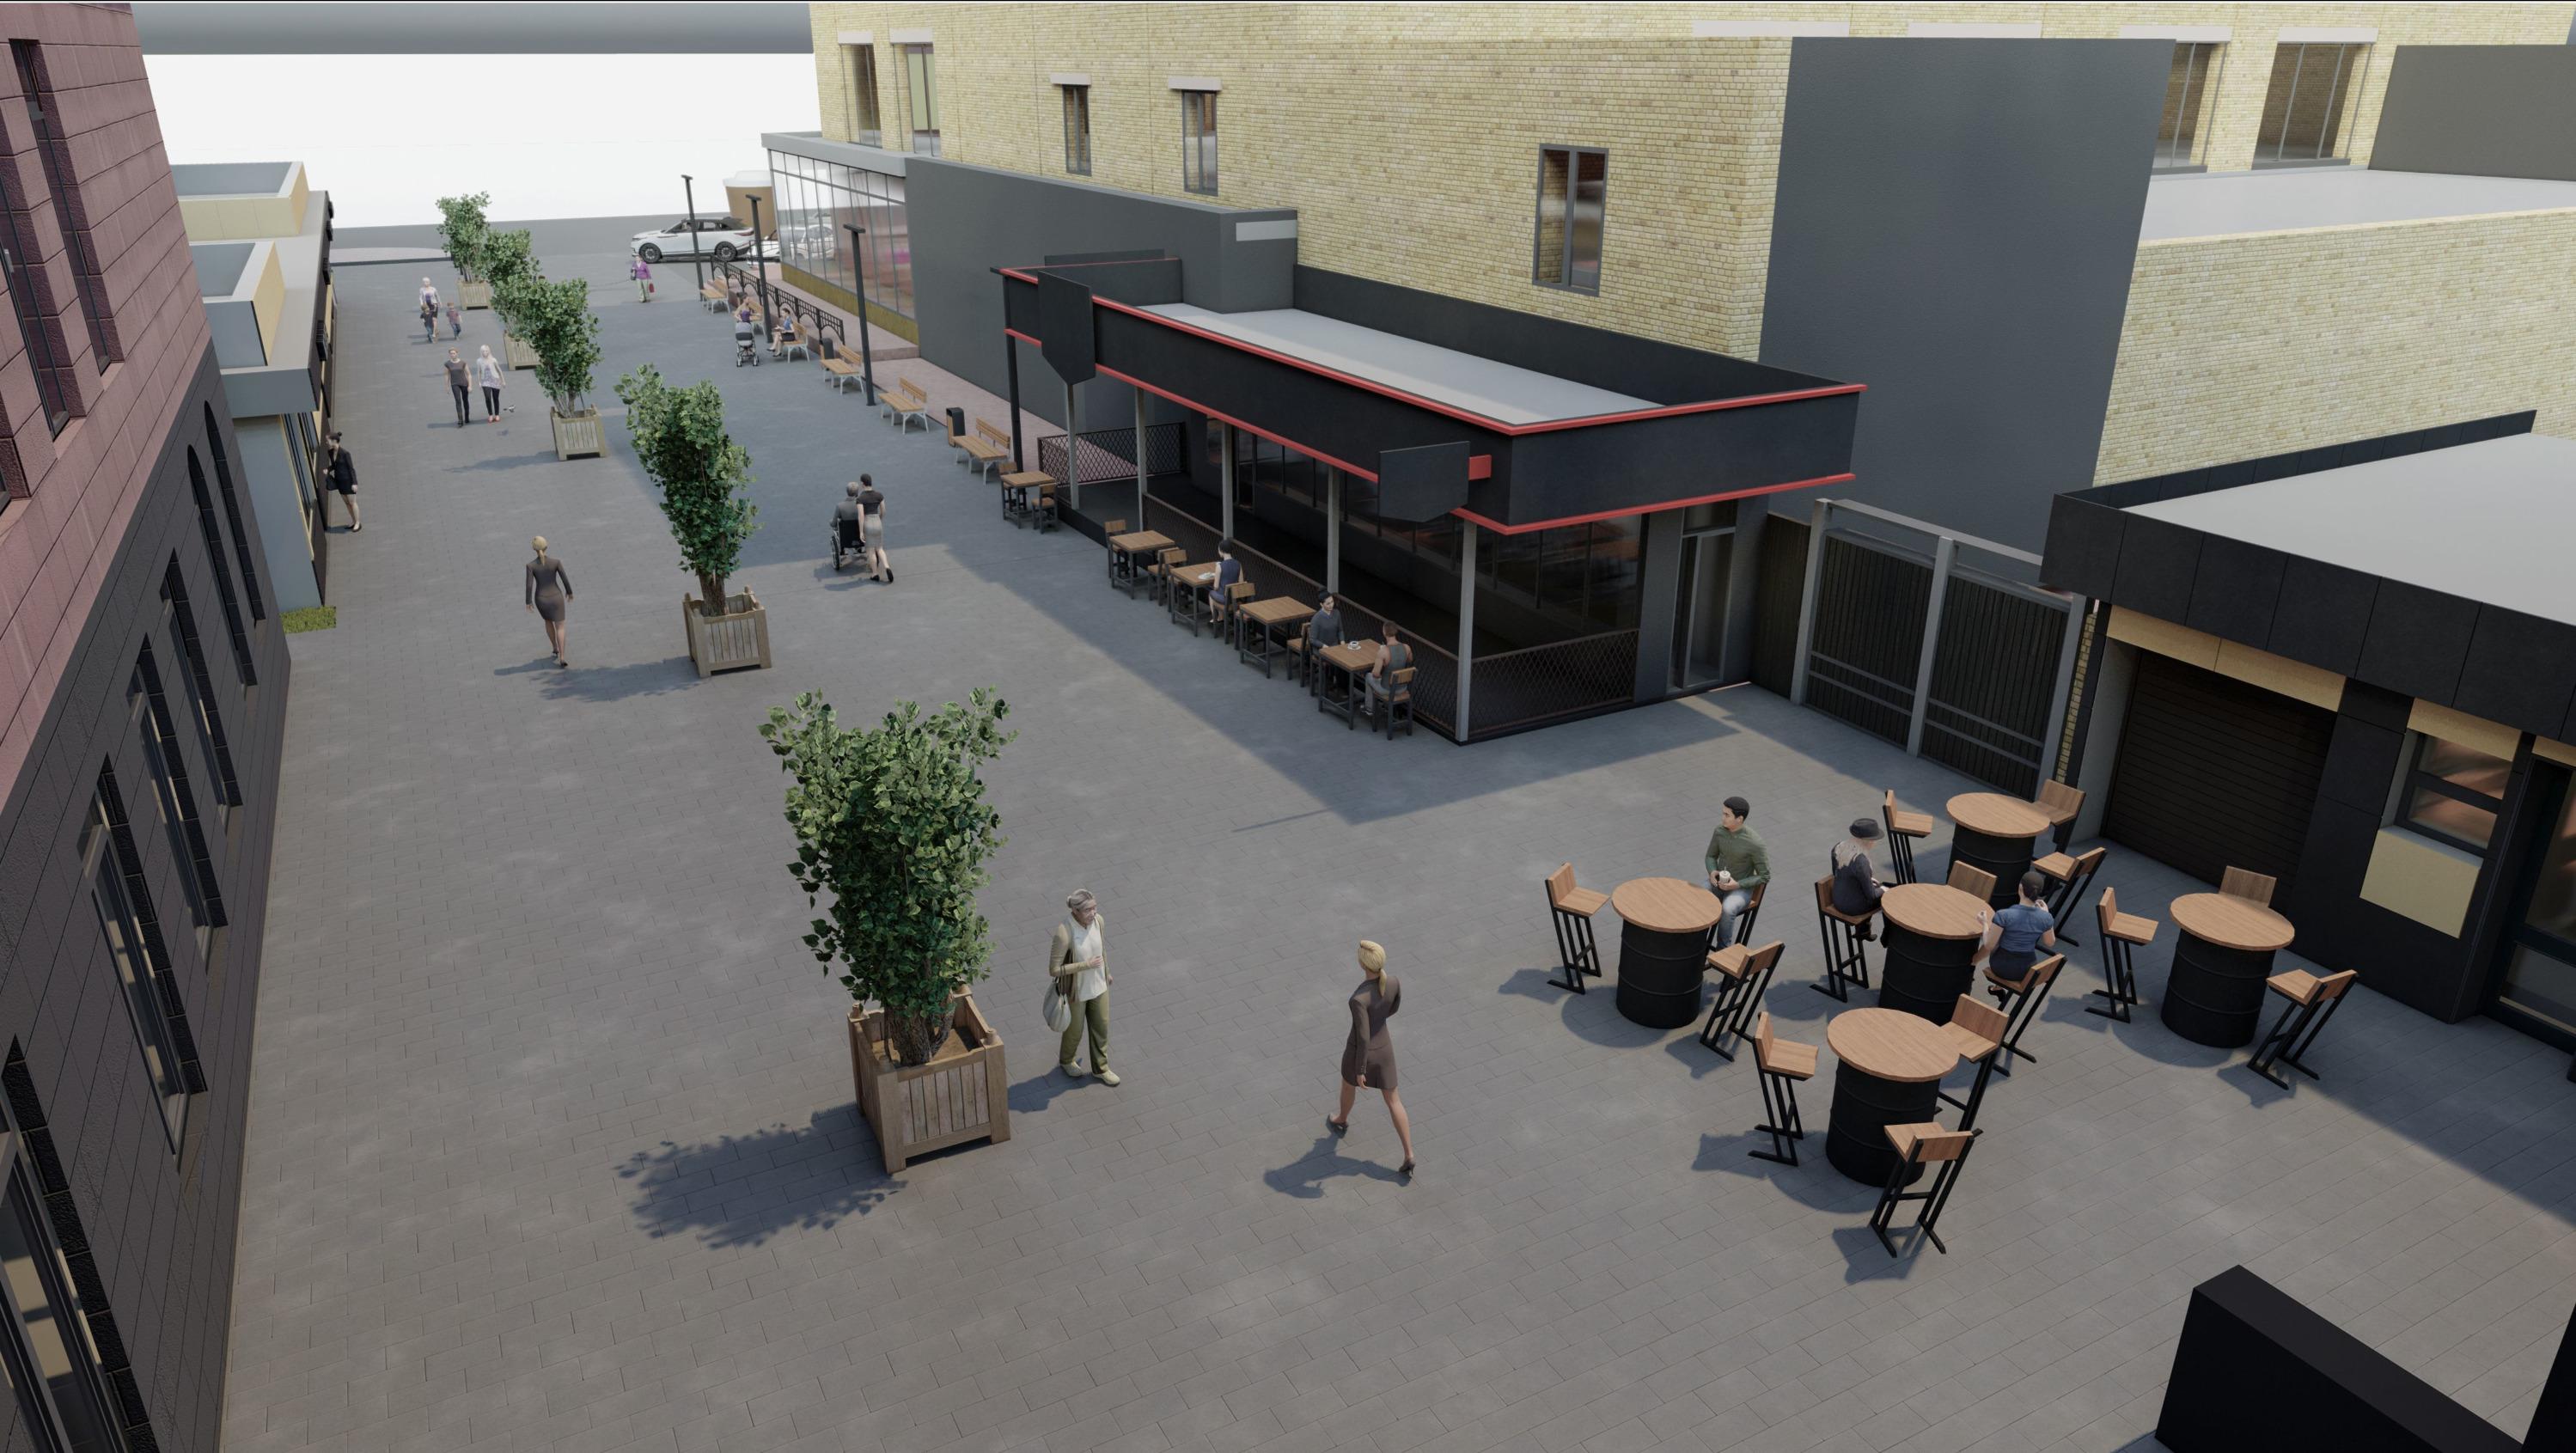 Пространство за памятником Поздееву хотят сделать комфортным для жителей города